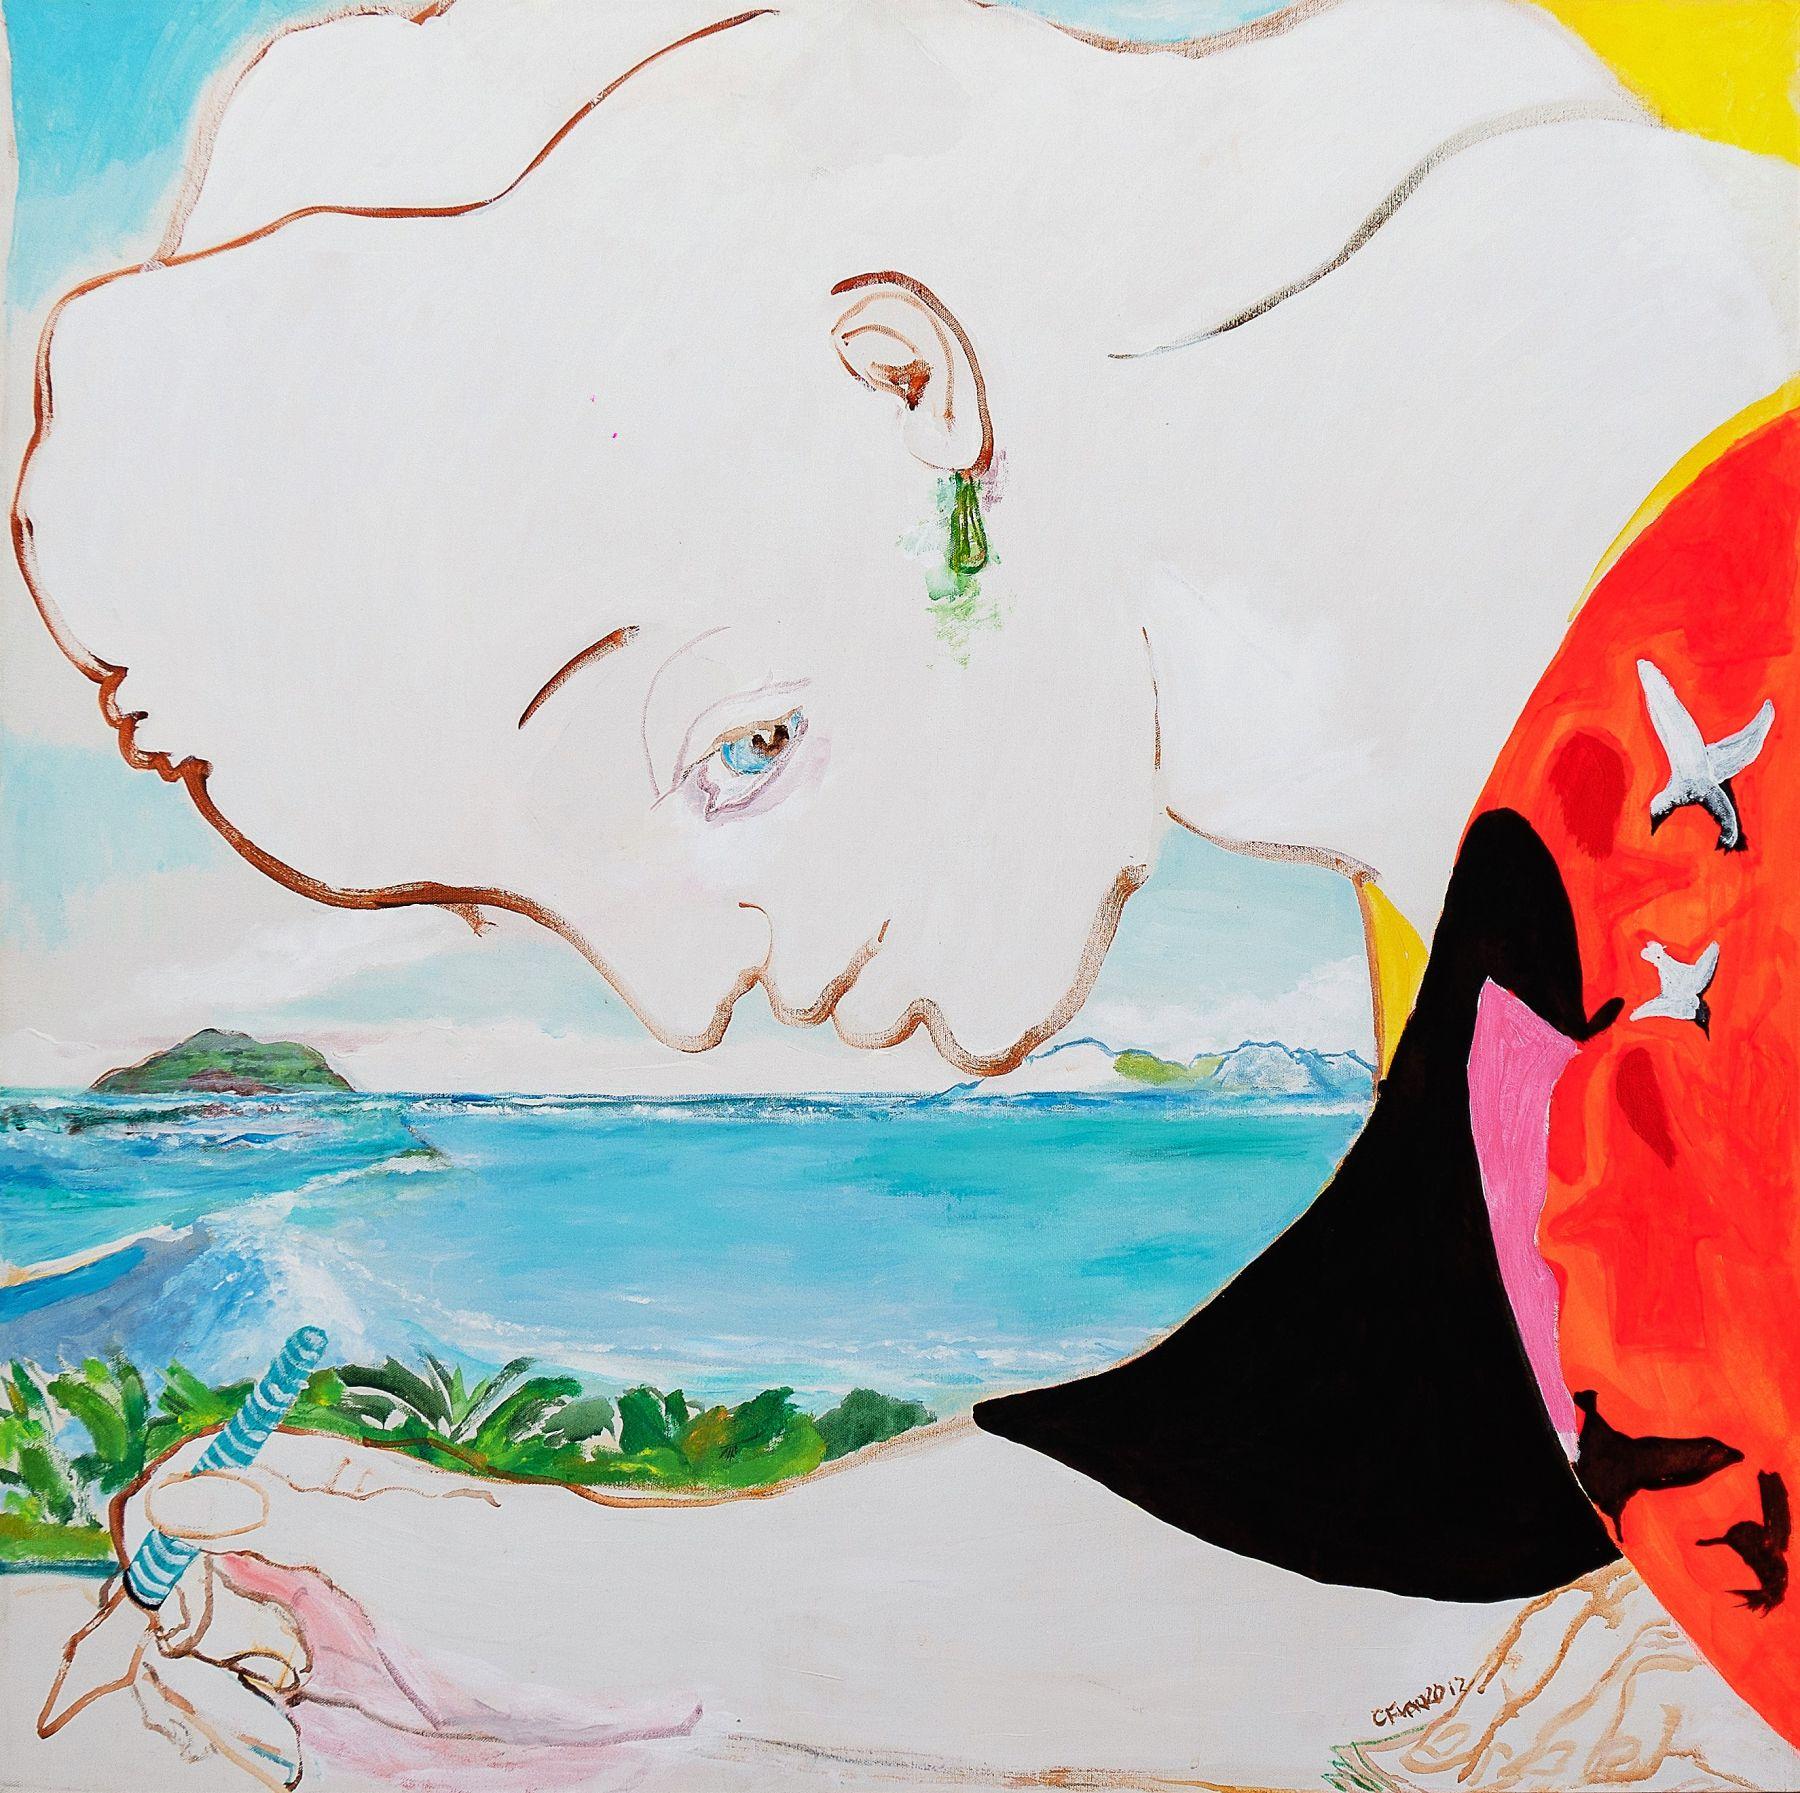 Al Otro Lado Del Arrecife from Visto, no vista by Carlos Franco at Hg Contemporary